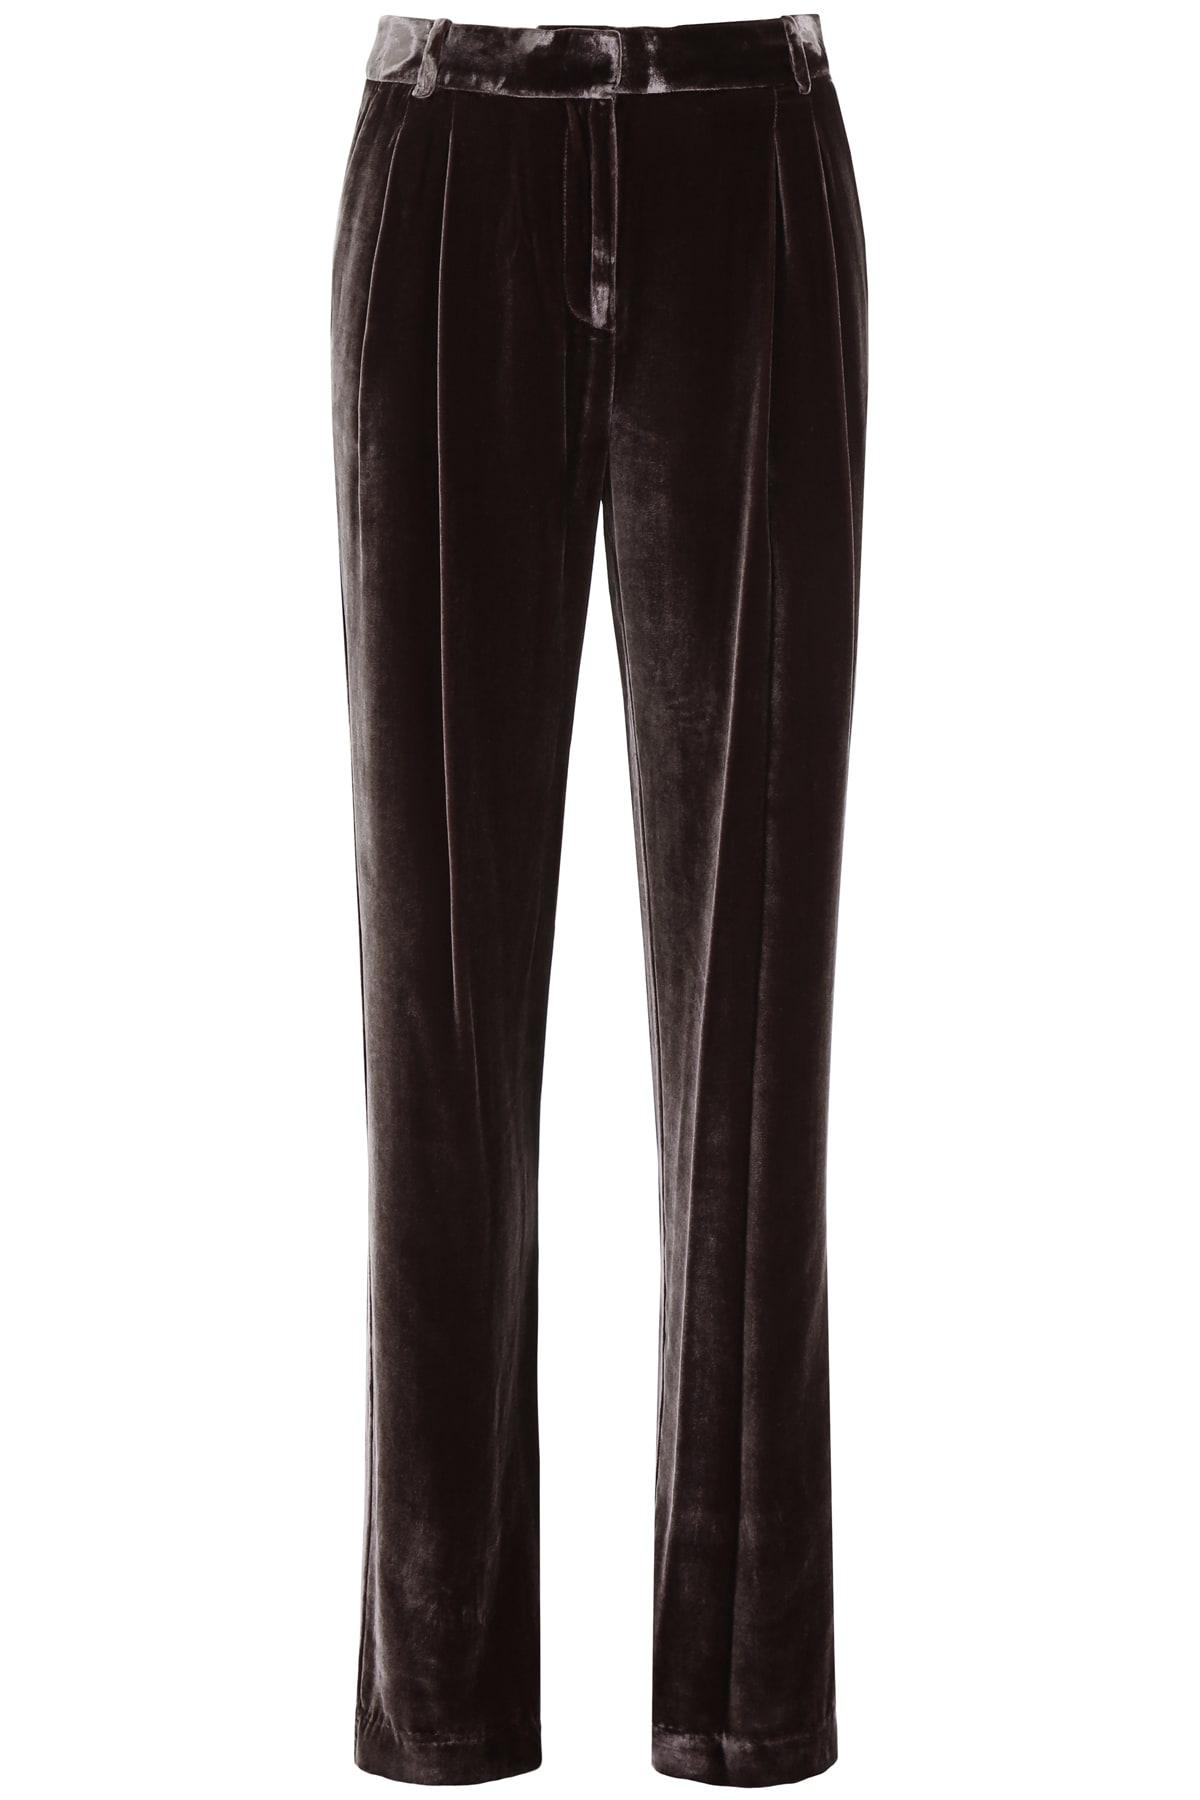 MICHAEL Michael Kors Velvet Trousers